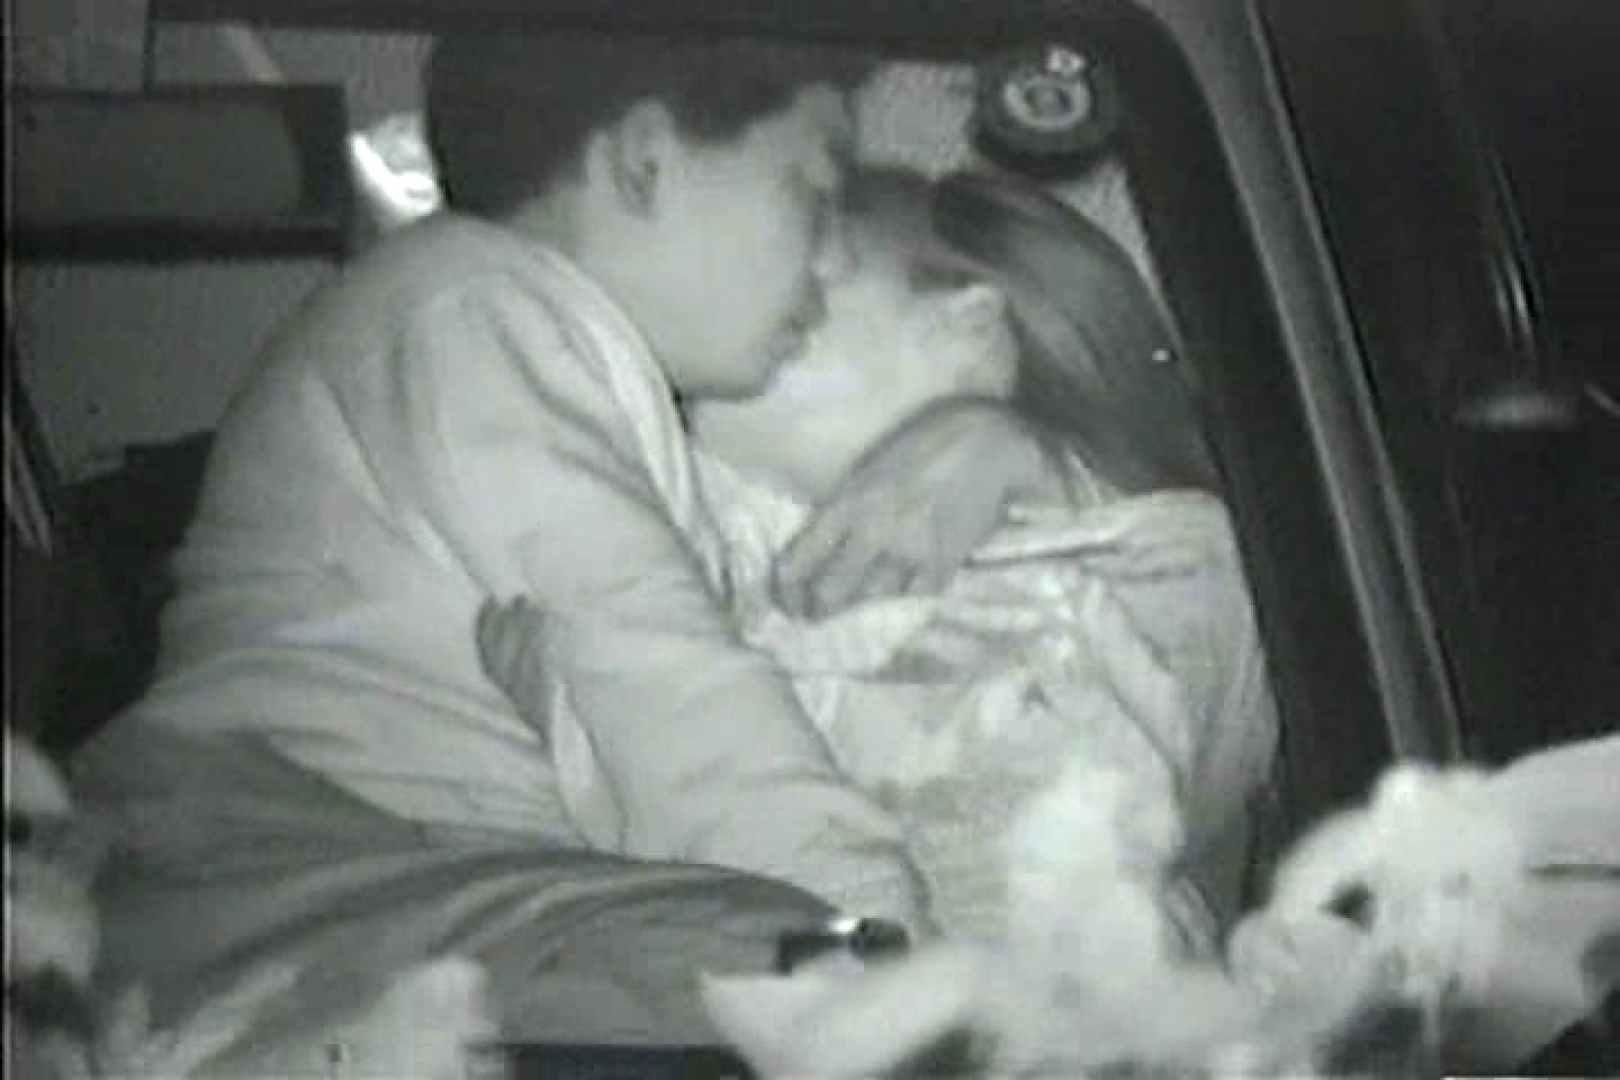 車の中はラブホテル 無修正版  Vol.9 車 オマンコ動画キャプチャ 88連発 33